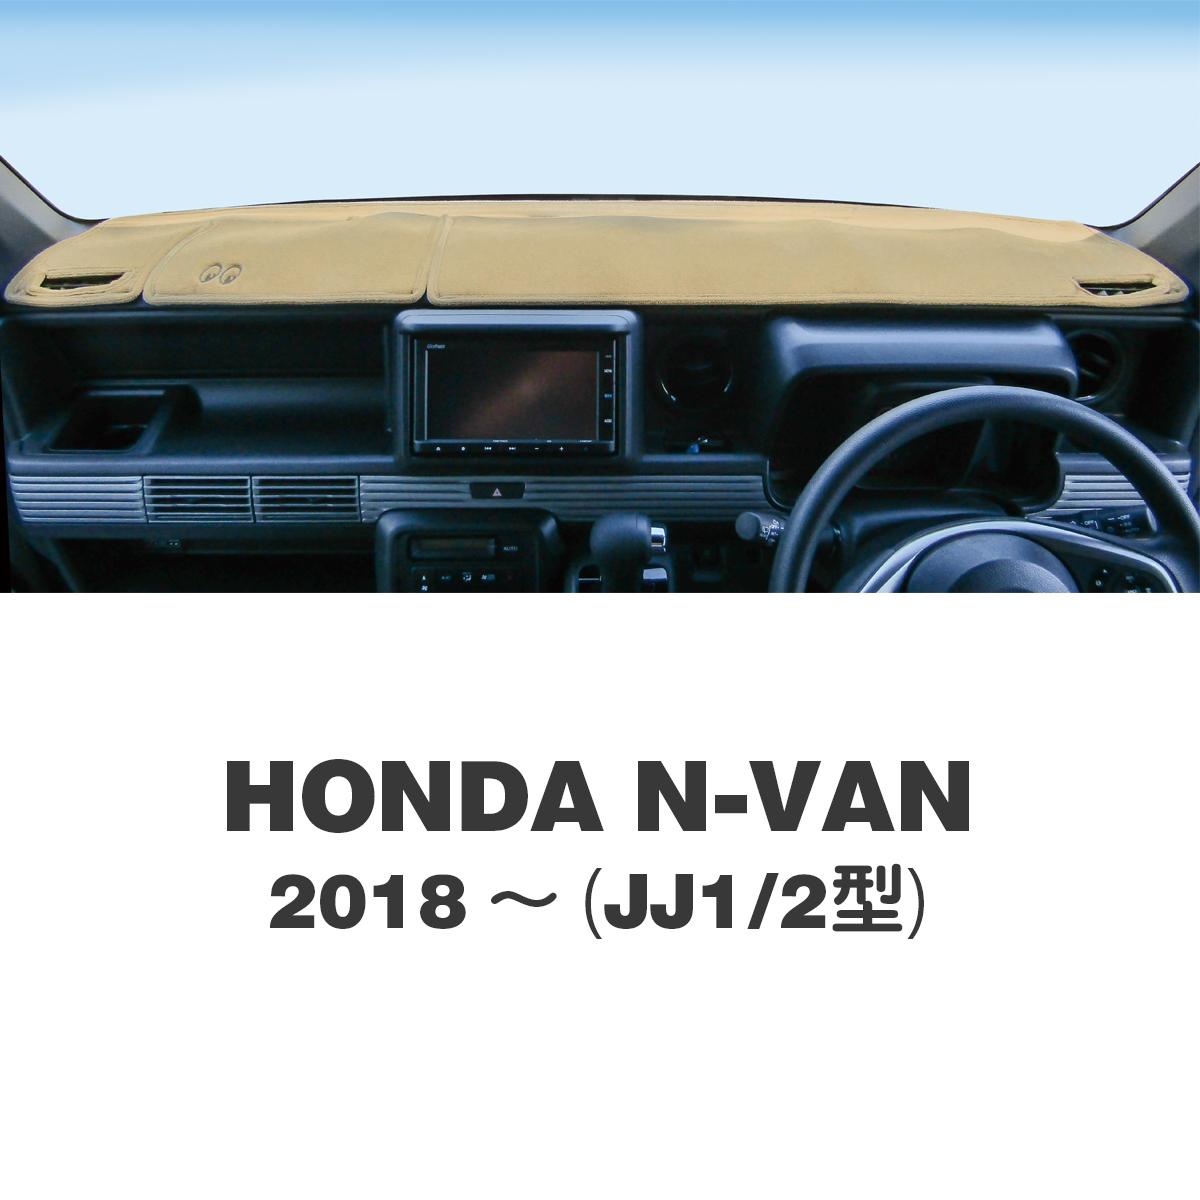 【楽天市場】HONDA N-VAN (ホンダ Nバン) 2018〜(JJ1/2型)用 オリジナル DASH MAT ...